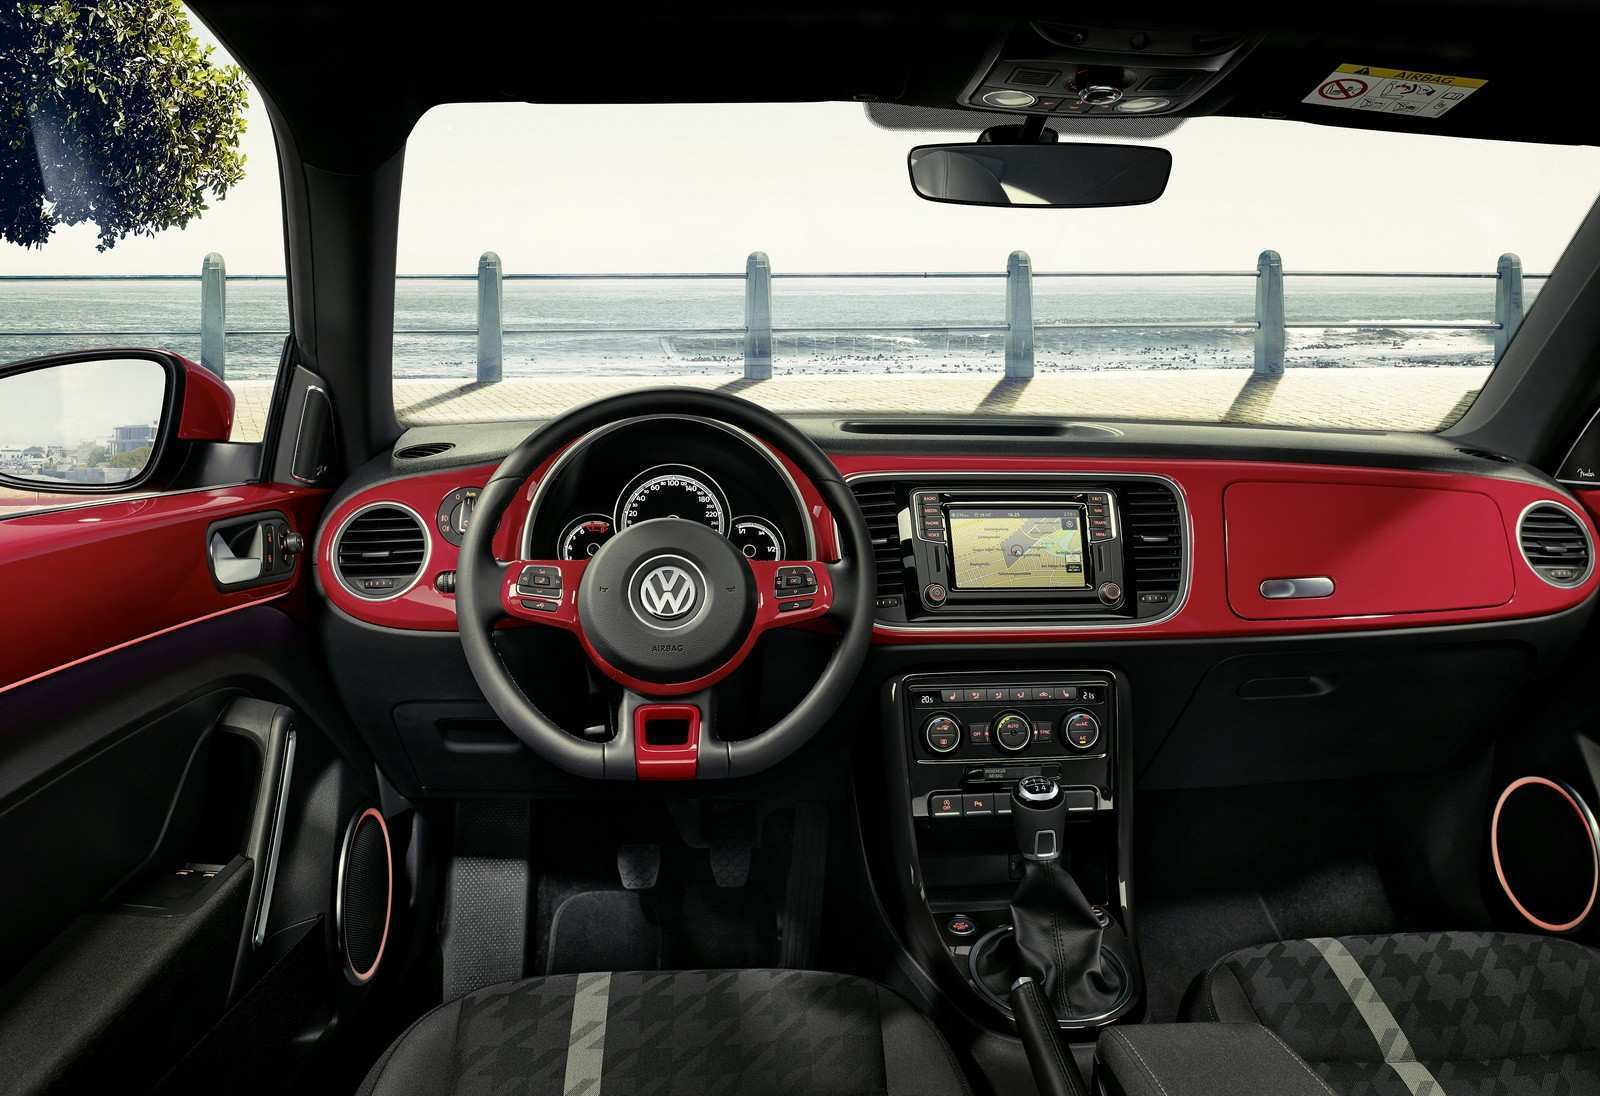 23 New 2020 Volkswagen Beetle Style for 2020 Volkswagen Beetle